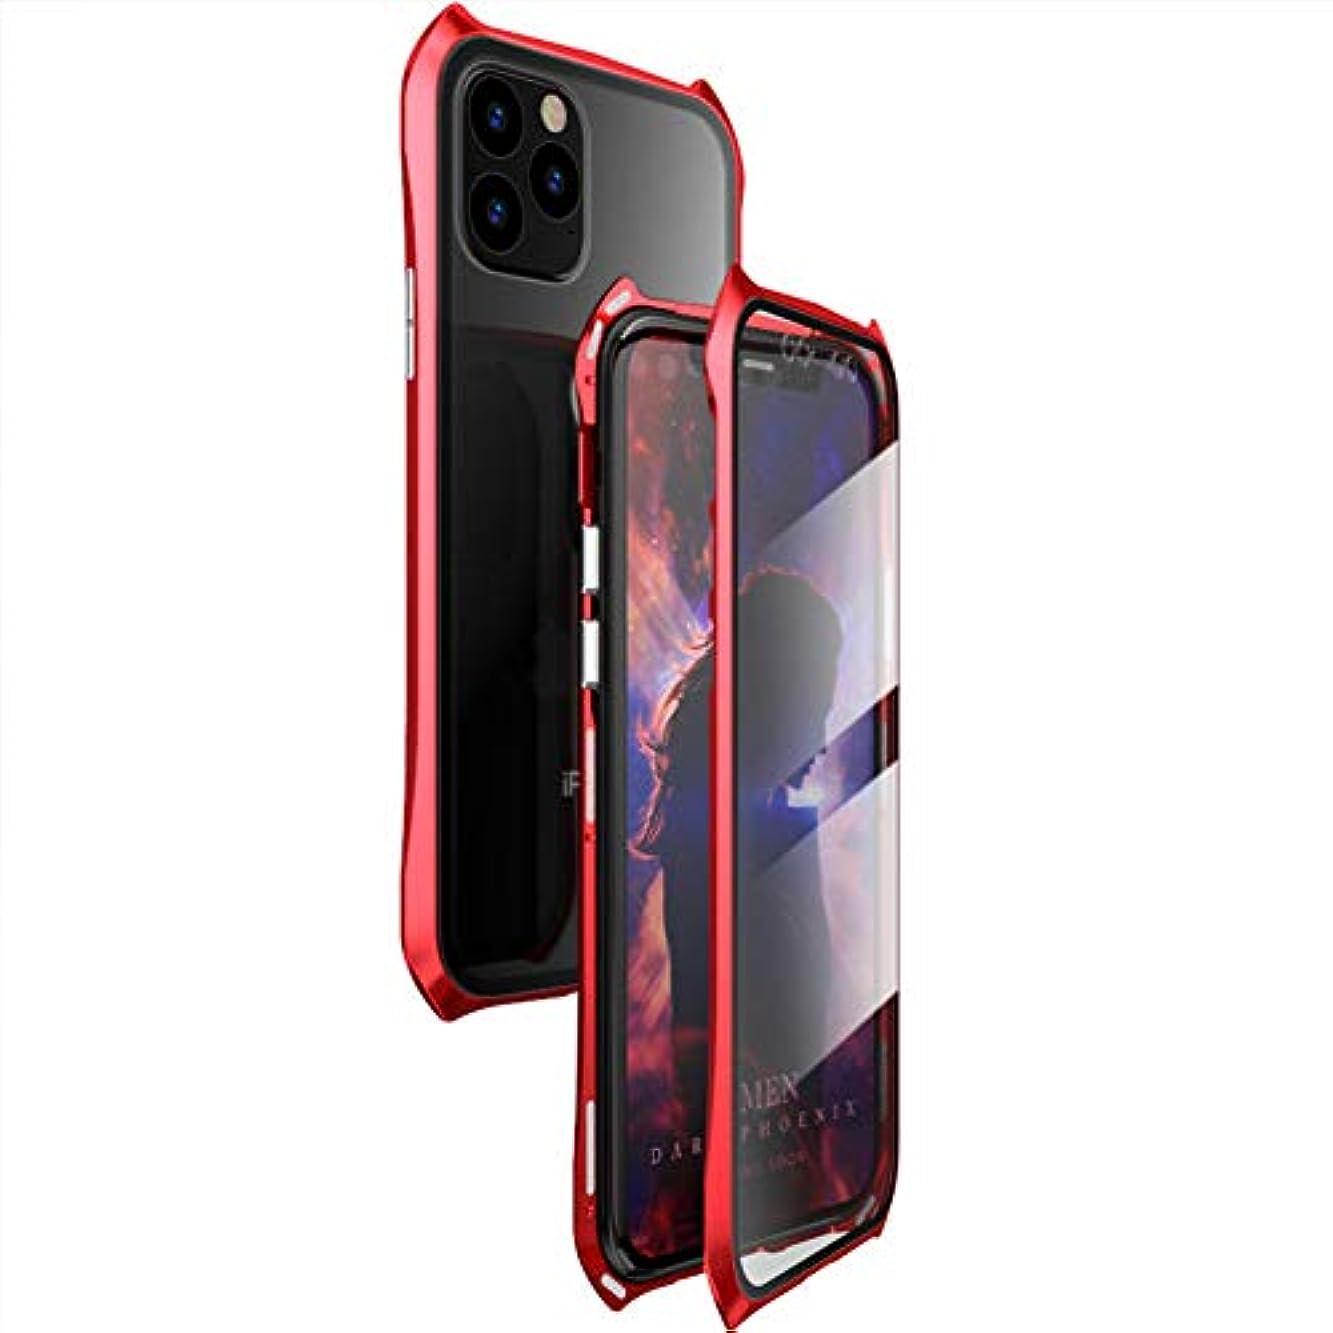 高価な潮曖昧なIphone 保護カバー - 携帯電話シェル両面ガラス磁気キングアップル11保護カバーオールインクルーシブアンチフォール男性と女性の